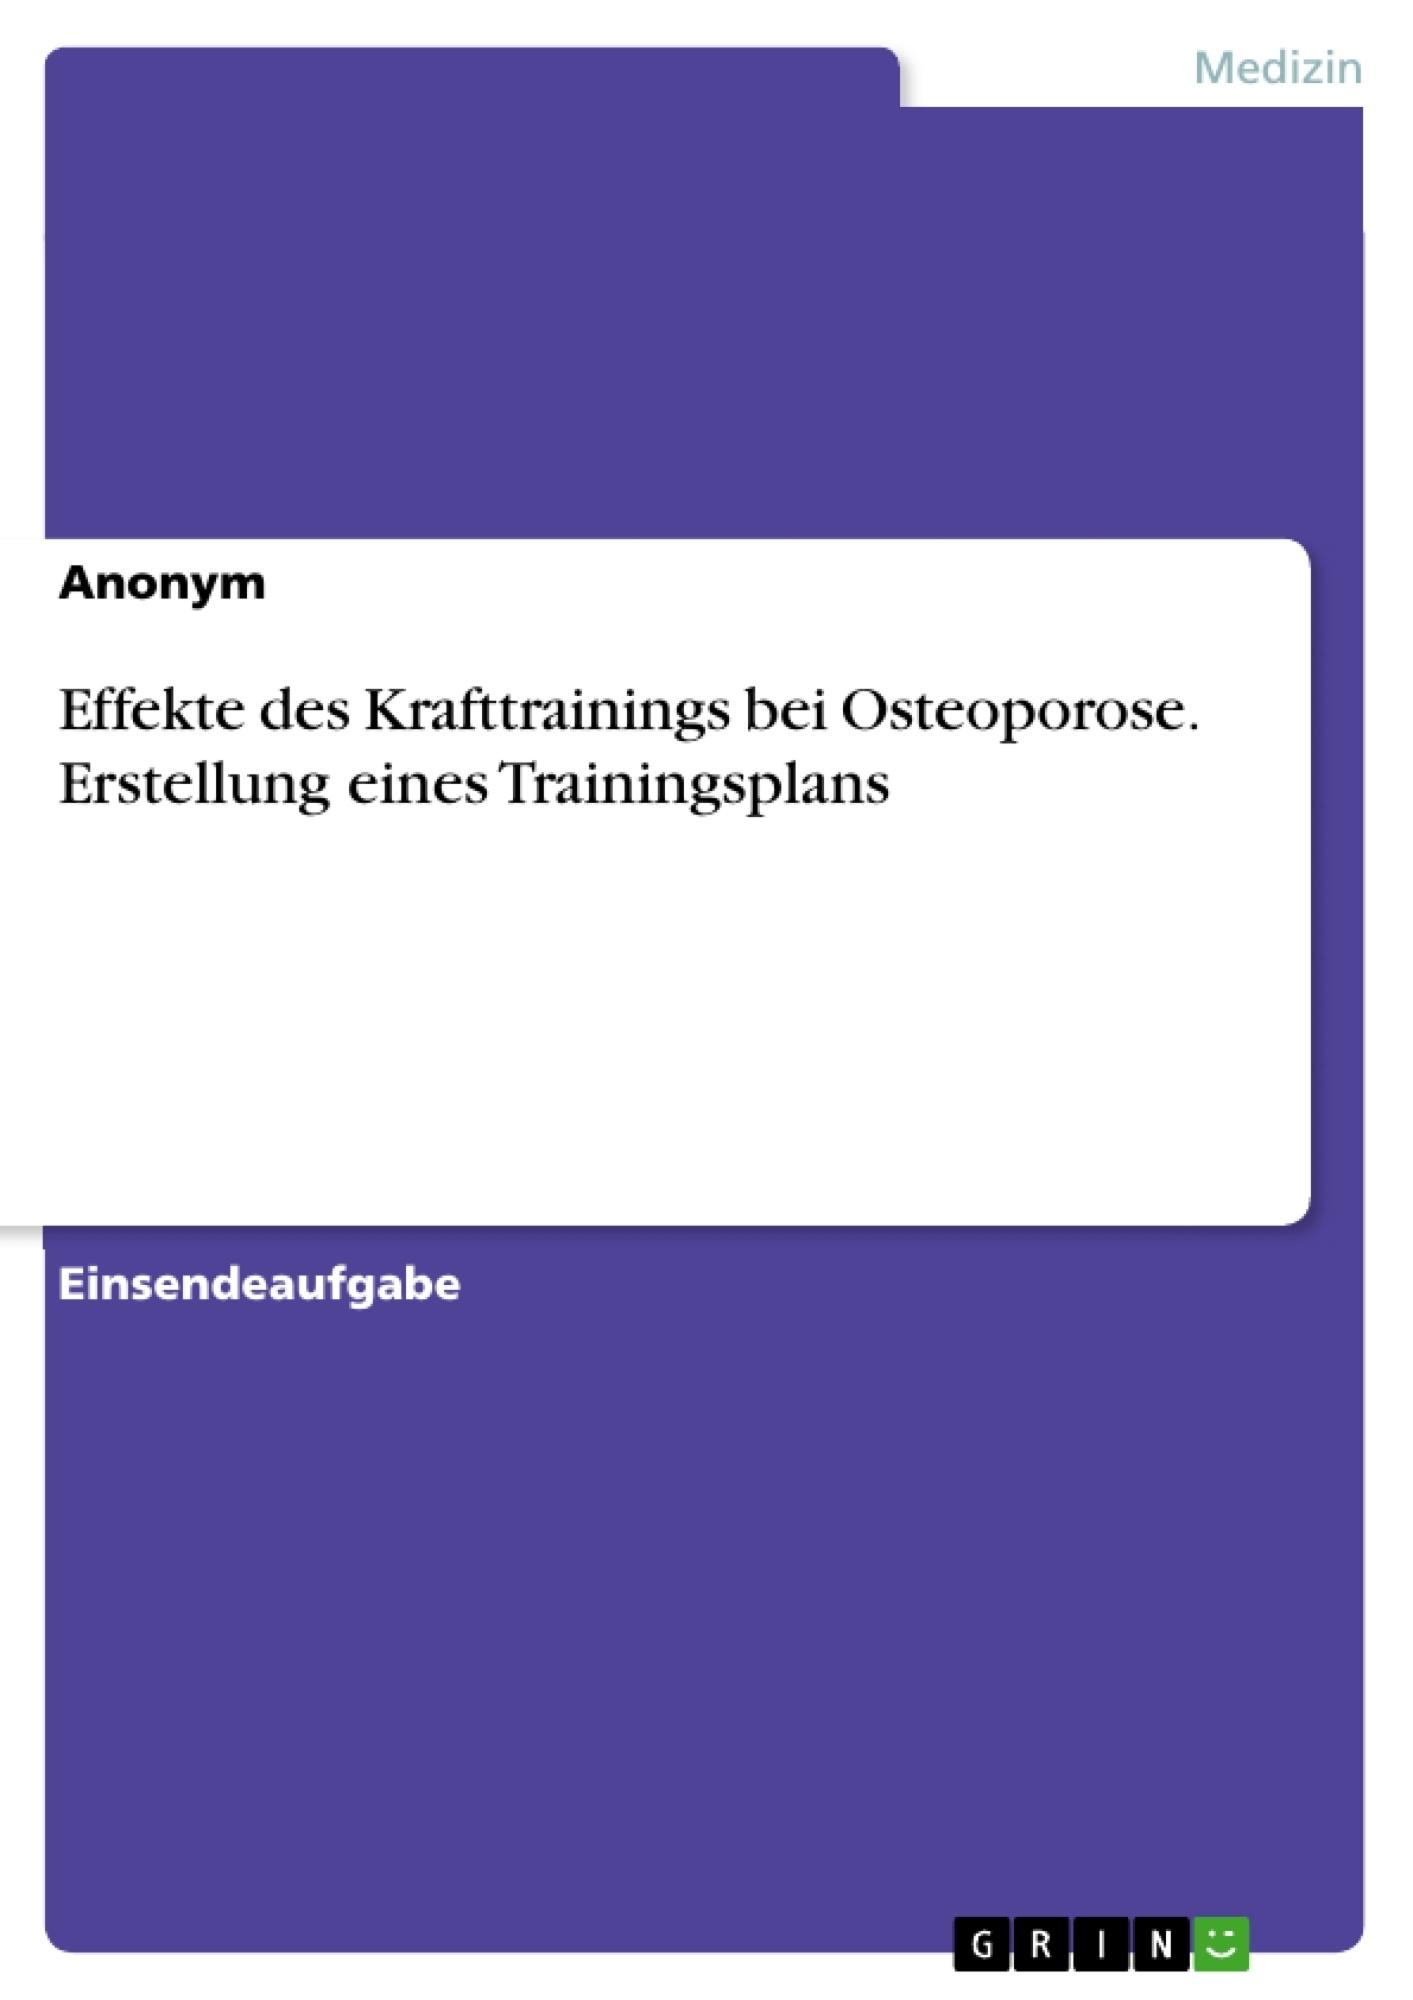 Titel: Effekte des Krafttrainings bei Osteoporose. Erstellung eines Trainingsplans